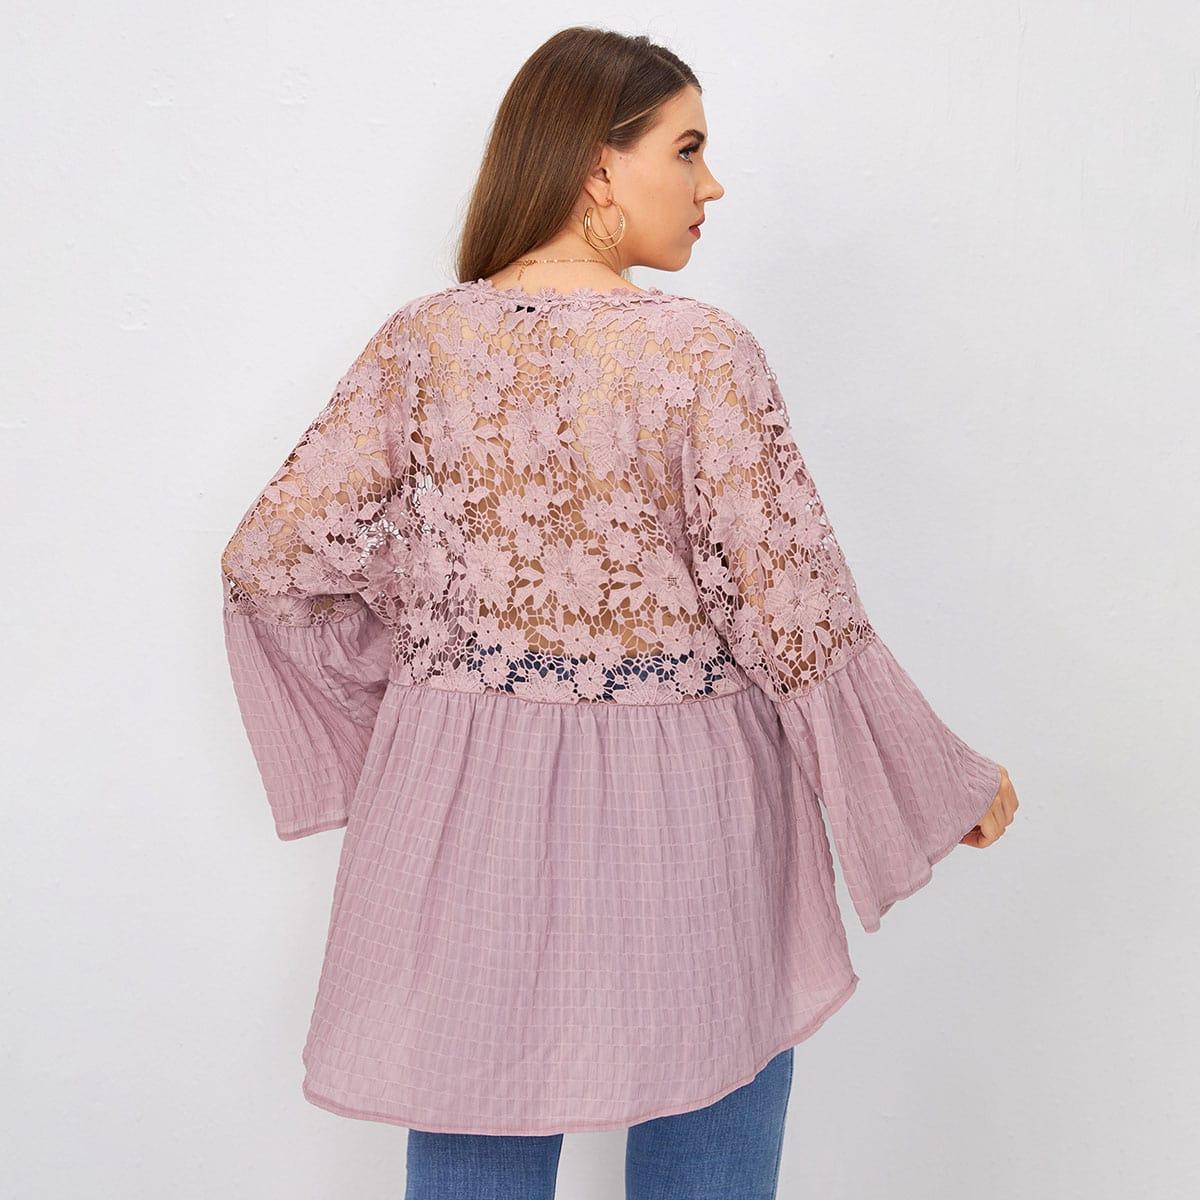 Контрастные кружева Одноцветный Повседневный Блузы размер плюс